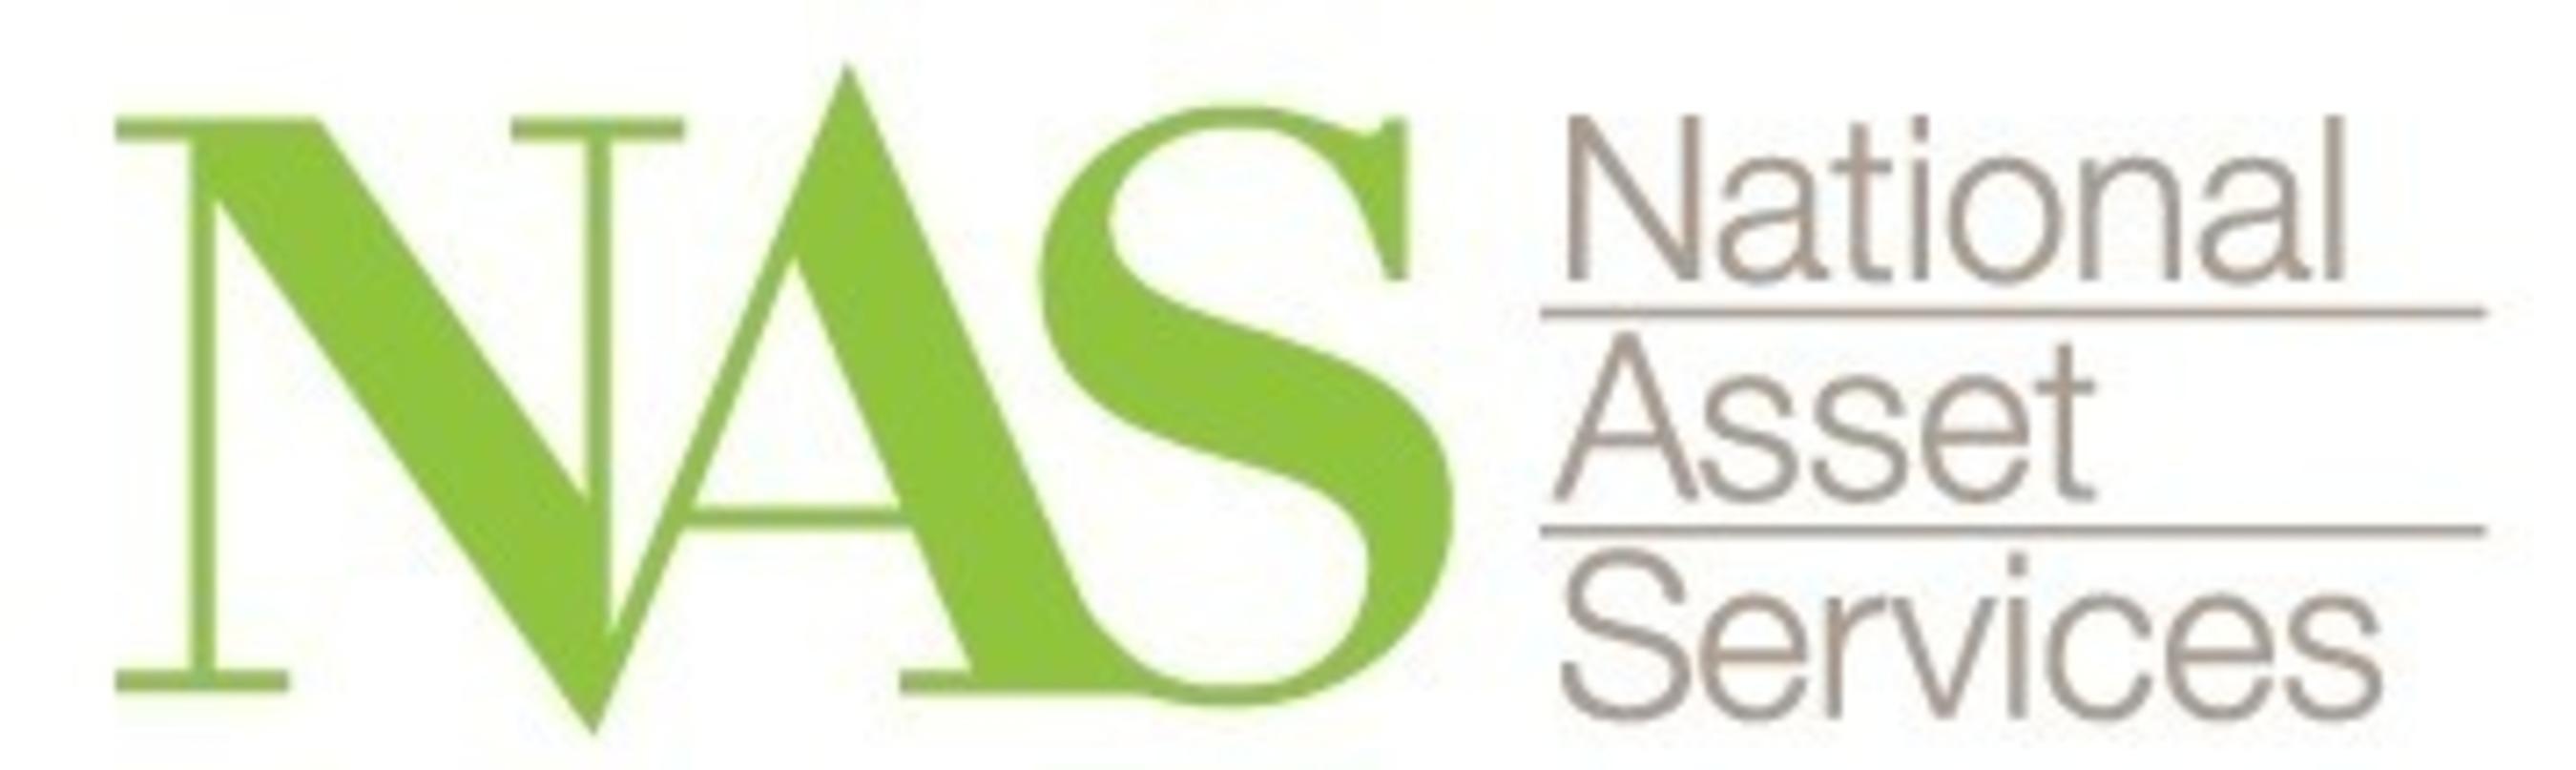 National Asset Services Logo (PRNewsFoto/National Asset Services)